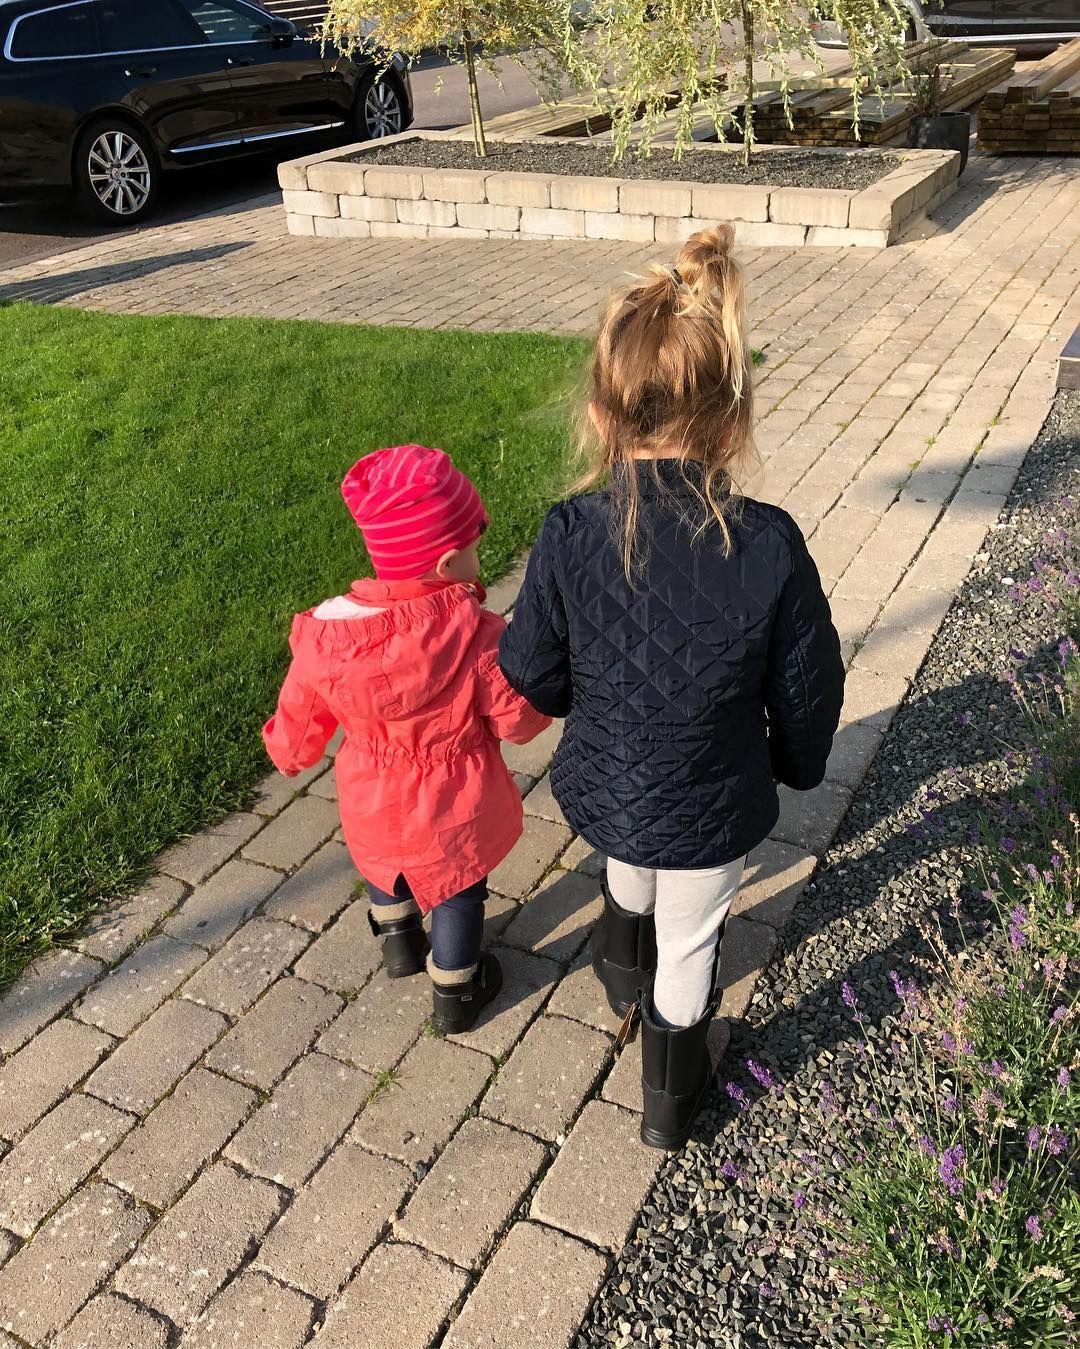 Bästa tjejerna ❤️❤️ #söndag #tjejer #bästa #finaste #mina #favoriter #systrar #Charlie #Lily #kavat #solig #höstdag #oktober http://misstagram.com/ipost/1616225270942666944/?code=BZt_FIfjBDA